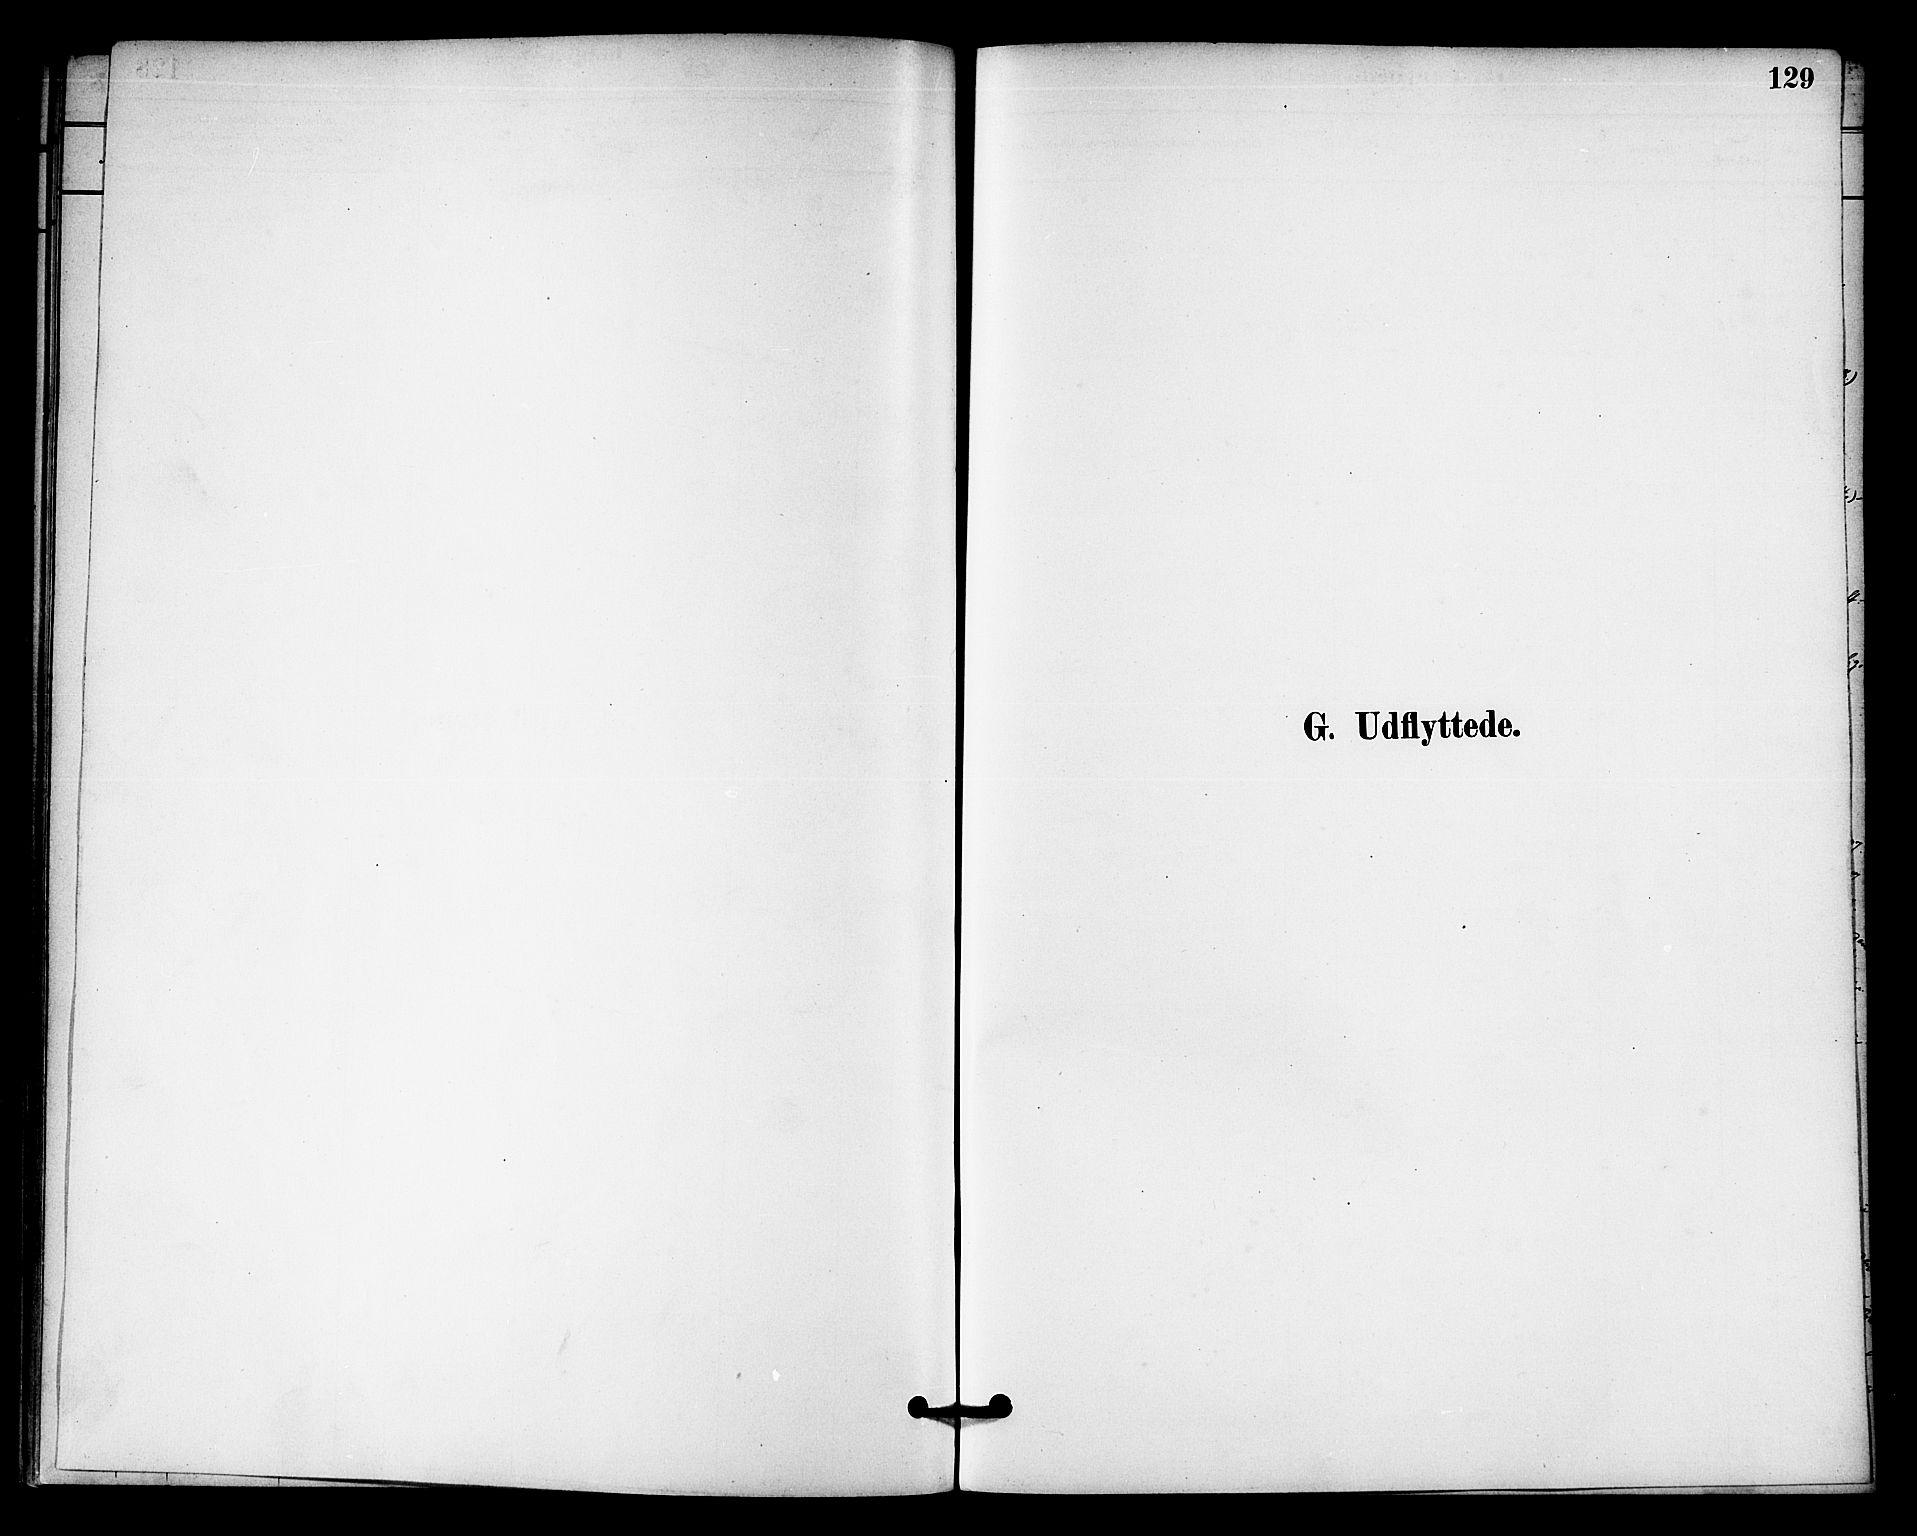 SAT, Ministerialprotokoller, klokkerbøker og fødselsregistre - Nord-Trøndelag, 740/L0378: Ministerialbok nr. 740A01, 1881-1895, s. 129